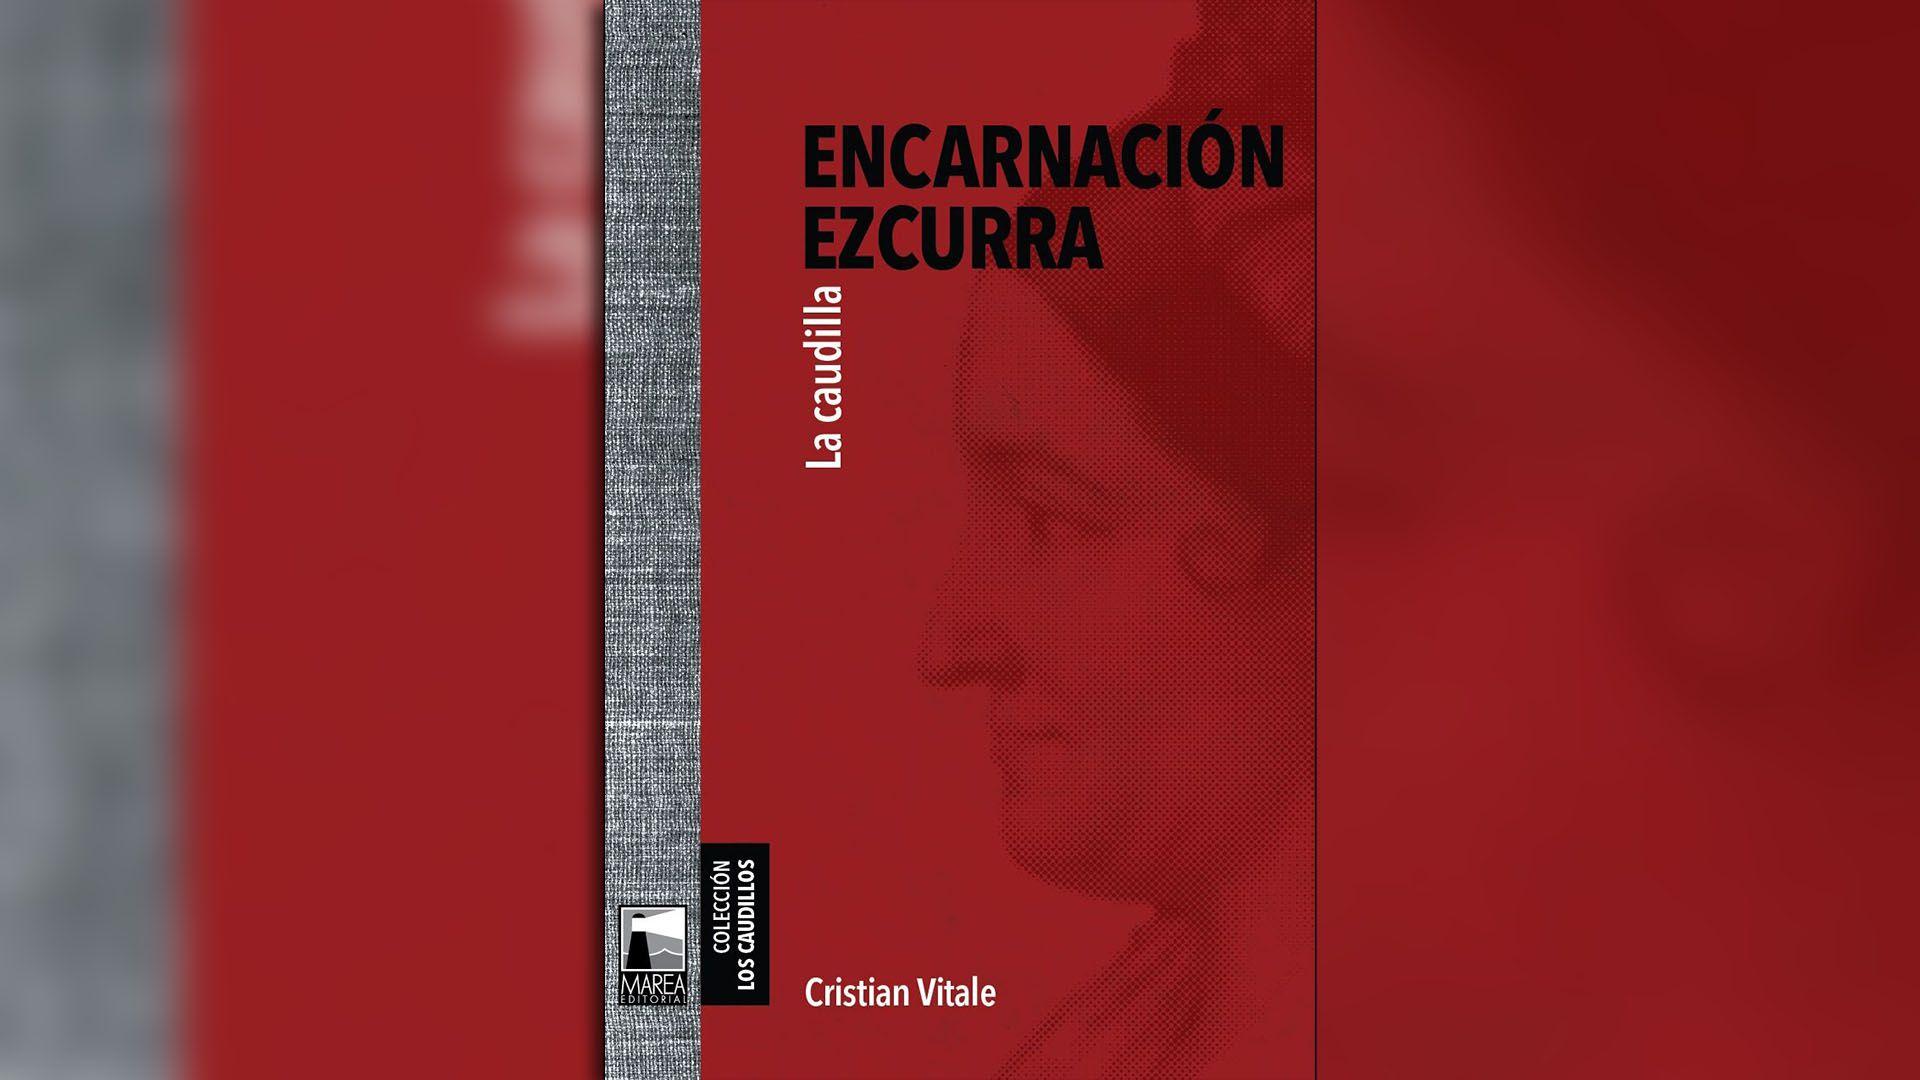 Encarnación Ezcurra - Cristian Vitale